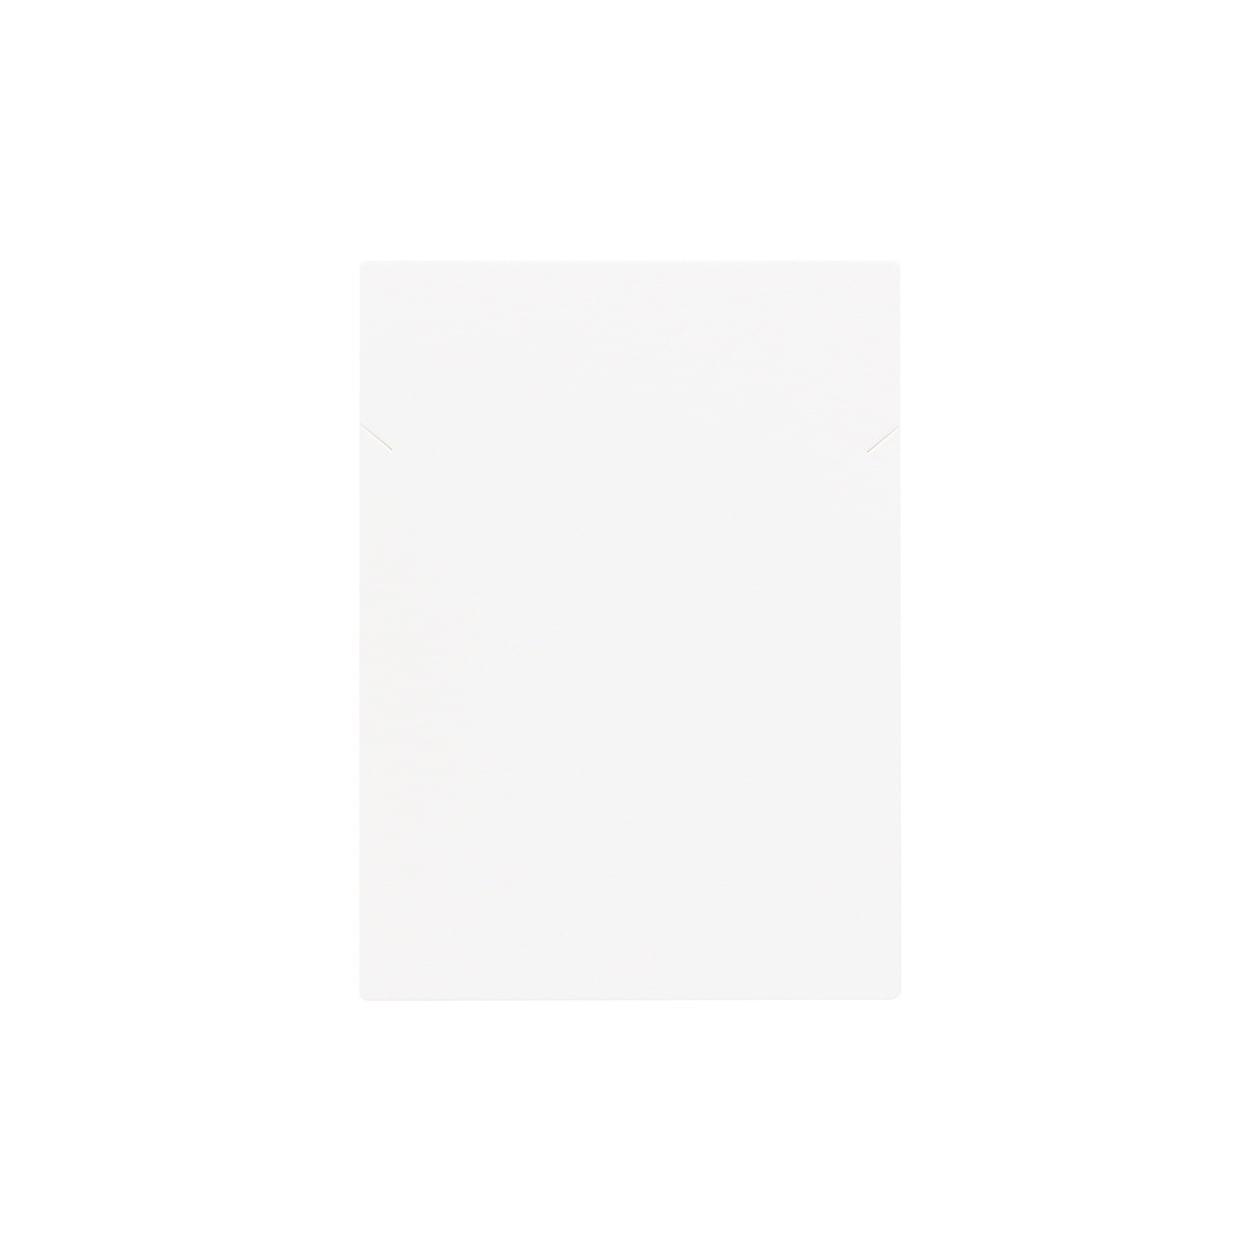 ネックレス台紙 65×90 コットンスノーホワイト 348.8g